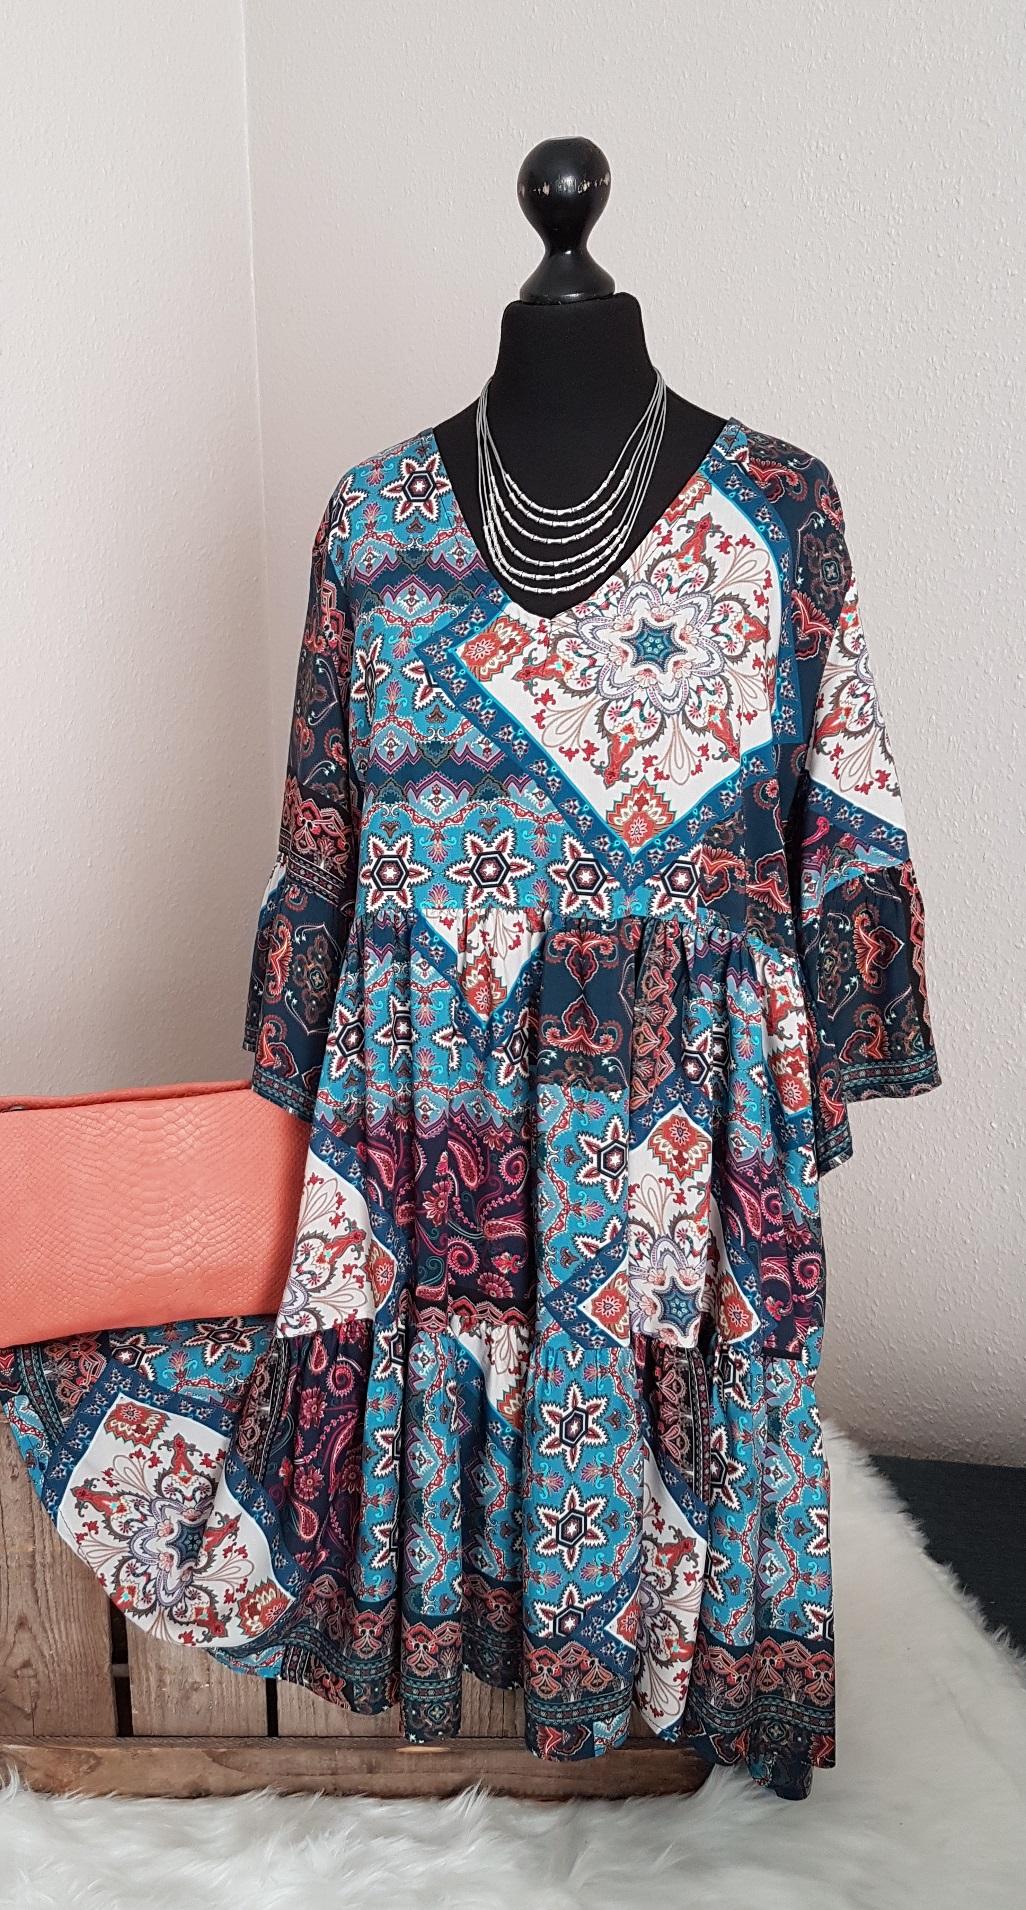 Leichtes oversize Hängerchen-Kleid / Long-Tunika - mit Paisleymuster - blau  - Einheitsgröße (passend von 11 - 11)